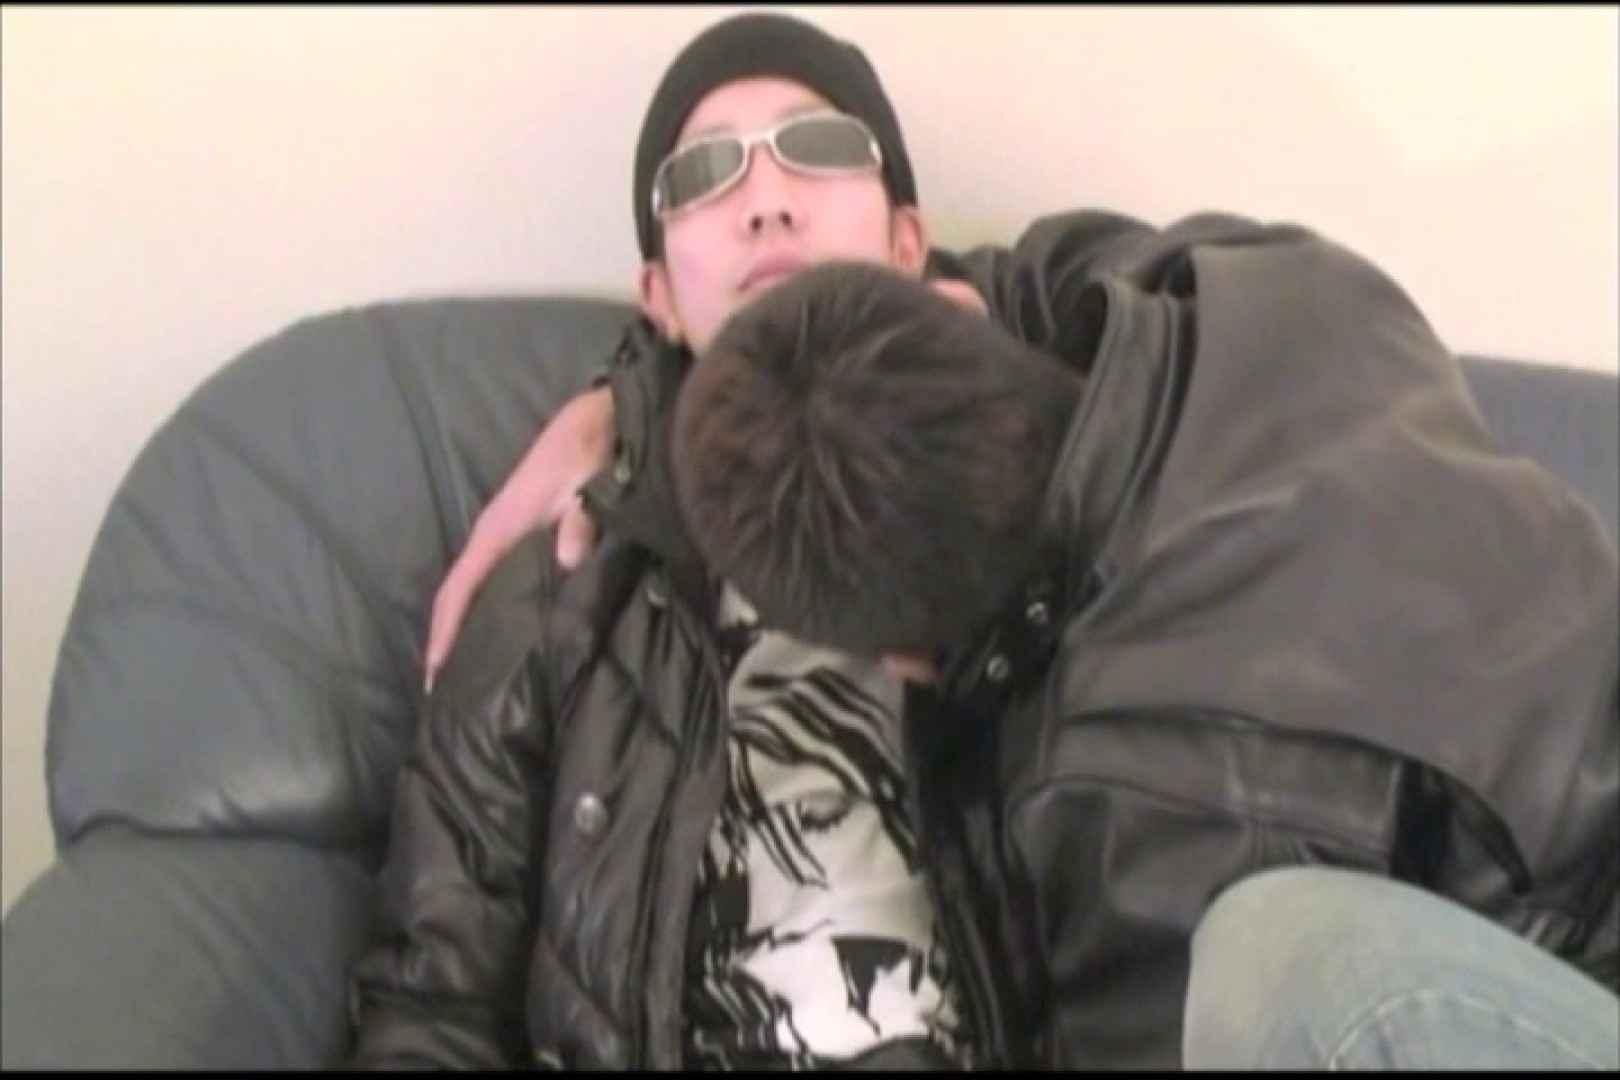 ワイルドボーイ二人組、仲が良すぎて・・・。 男のゲイ天国 ゲイアダルトビデオ画像 7枚 2